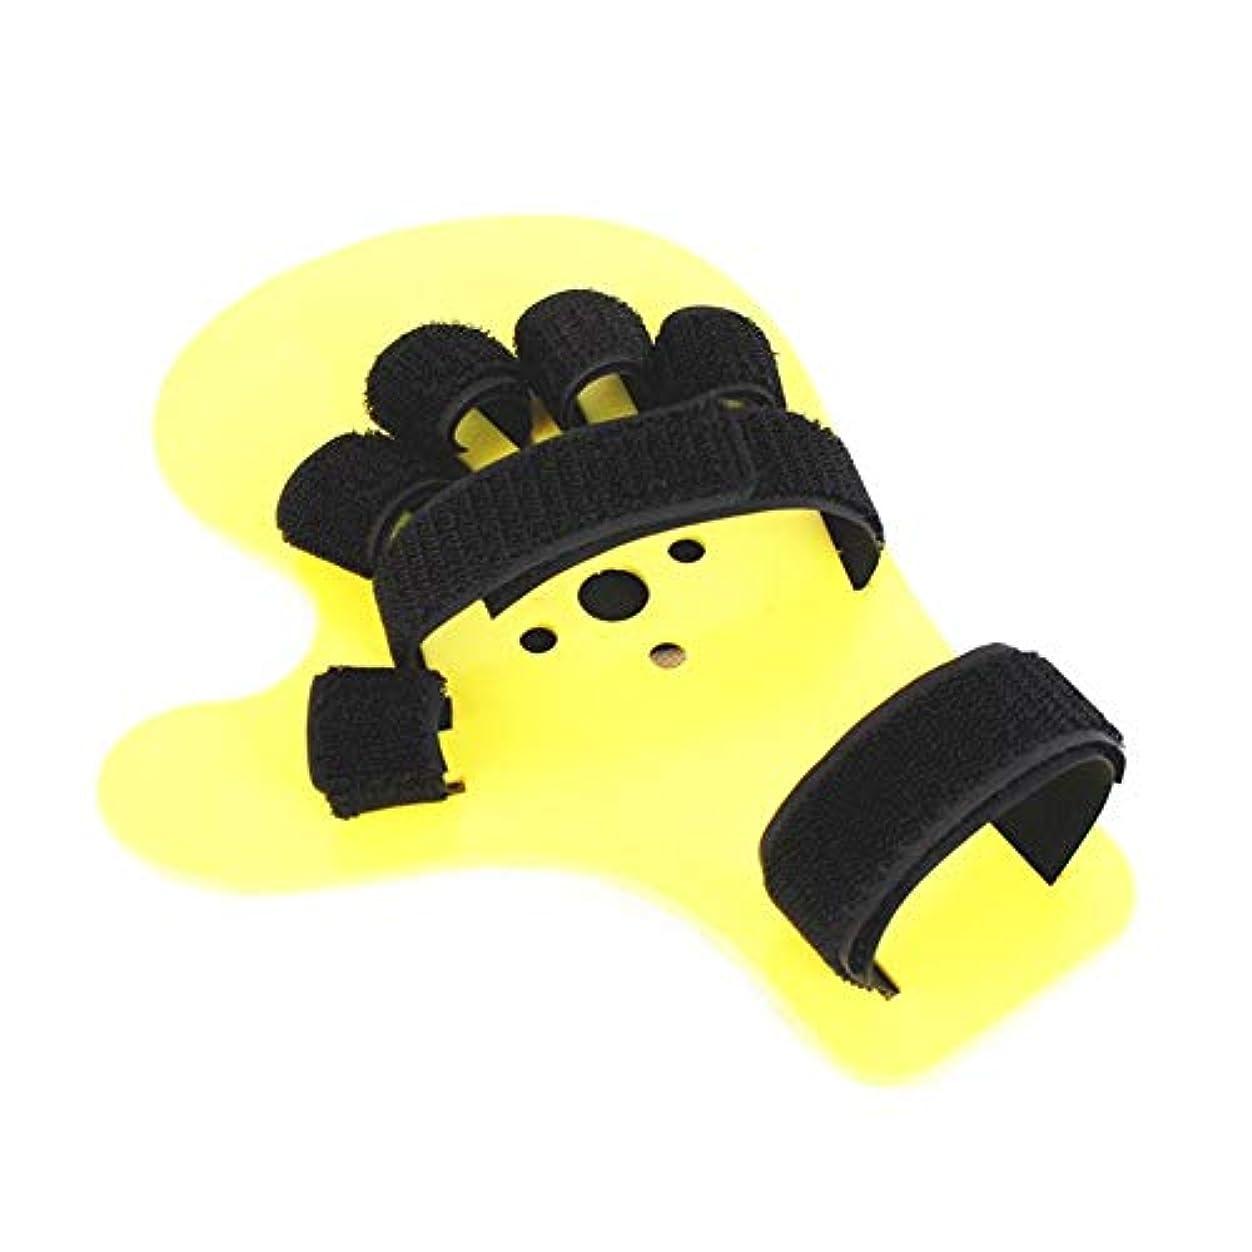 単調な収束ふりをする指の固定板、圧力指板分離器、ABS調節可能な大人の指の装具指先/片麻痺/